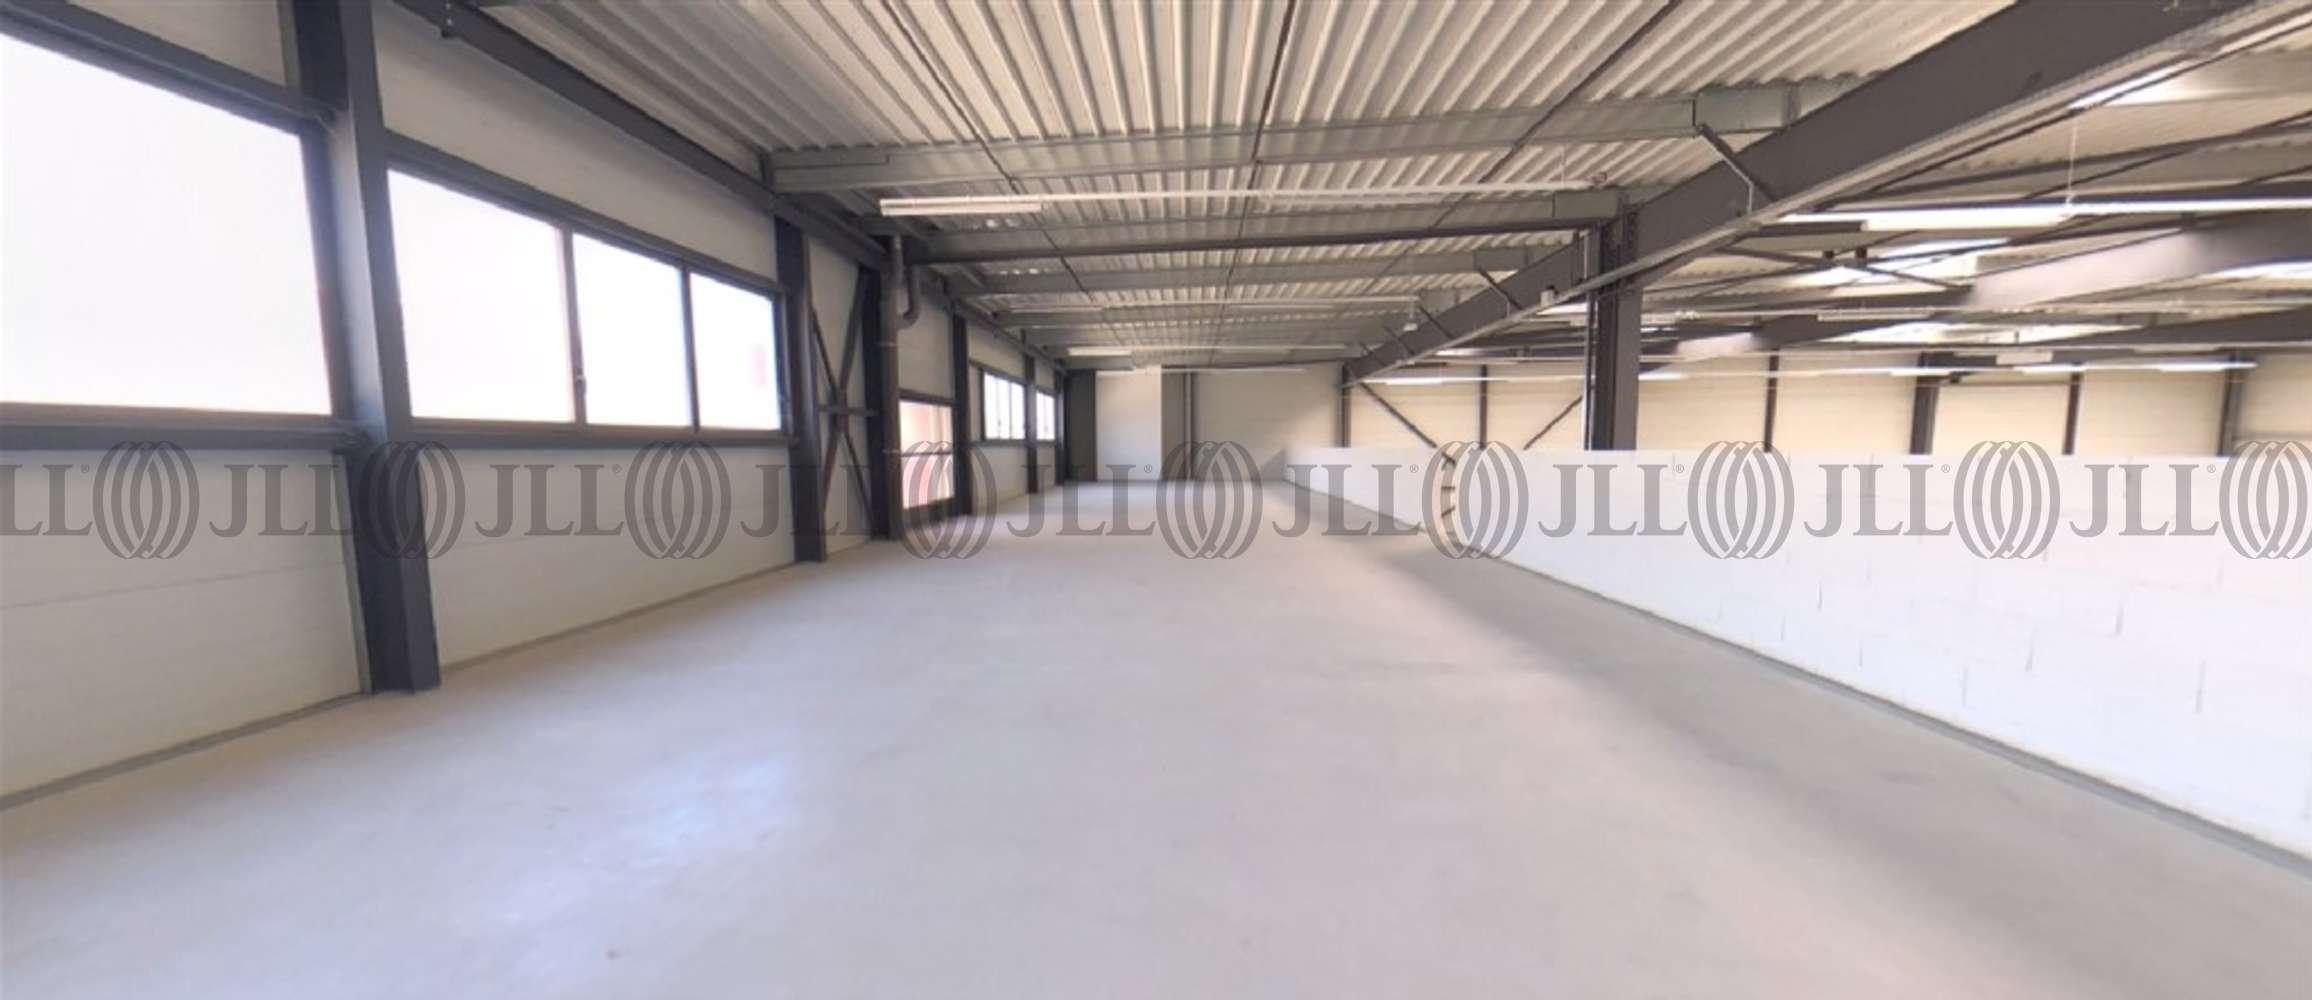 Activités/entrepôt Marignane, 13700 - TECHNOPARC DES FLORIDES - BAT 3